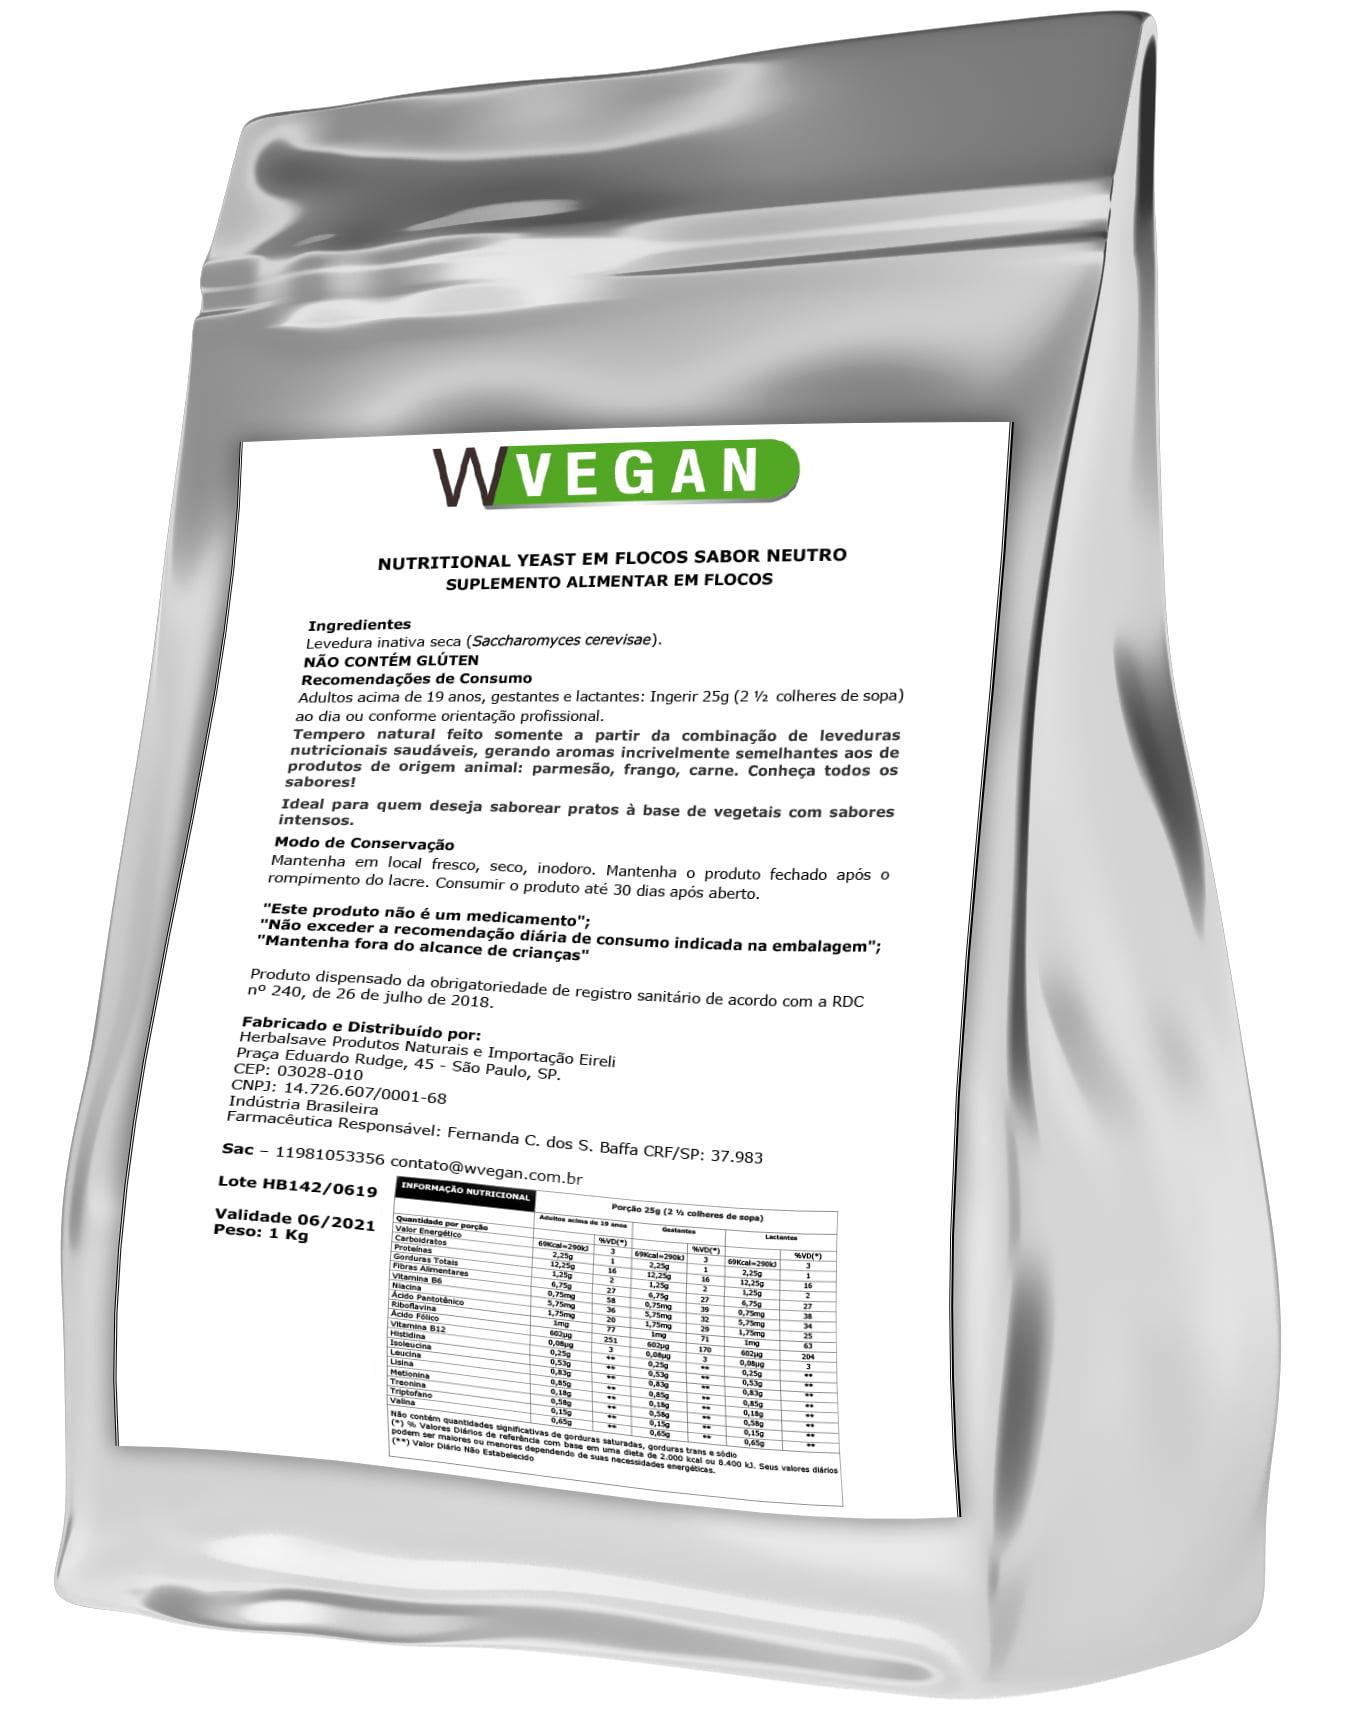 Nutritional Yeast 1Kg Neutro - Temos a maior Linha de Suplementos do Brasil a um excelente custo beneficio